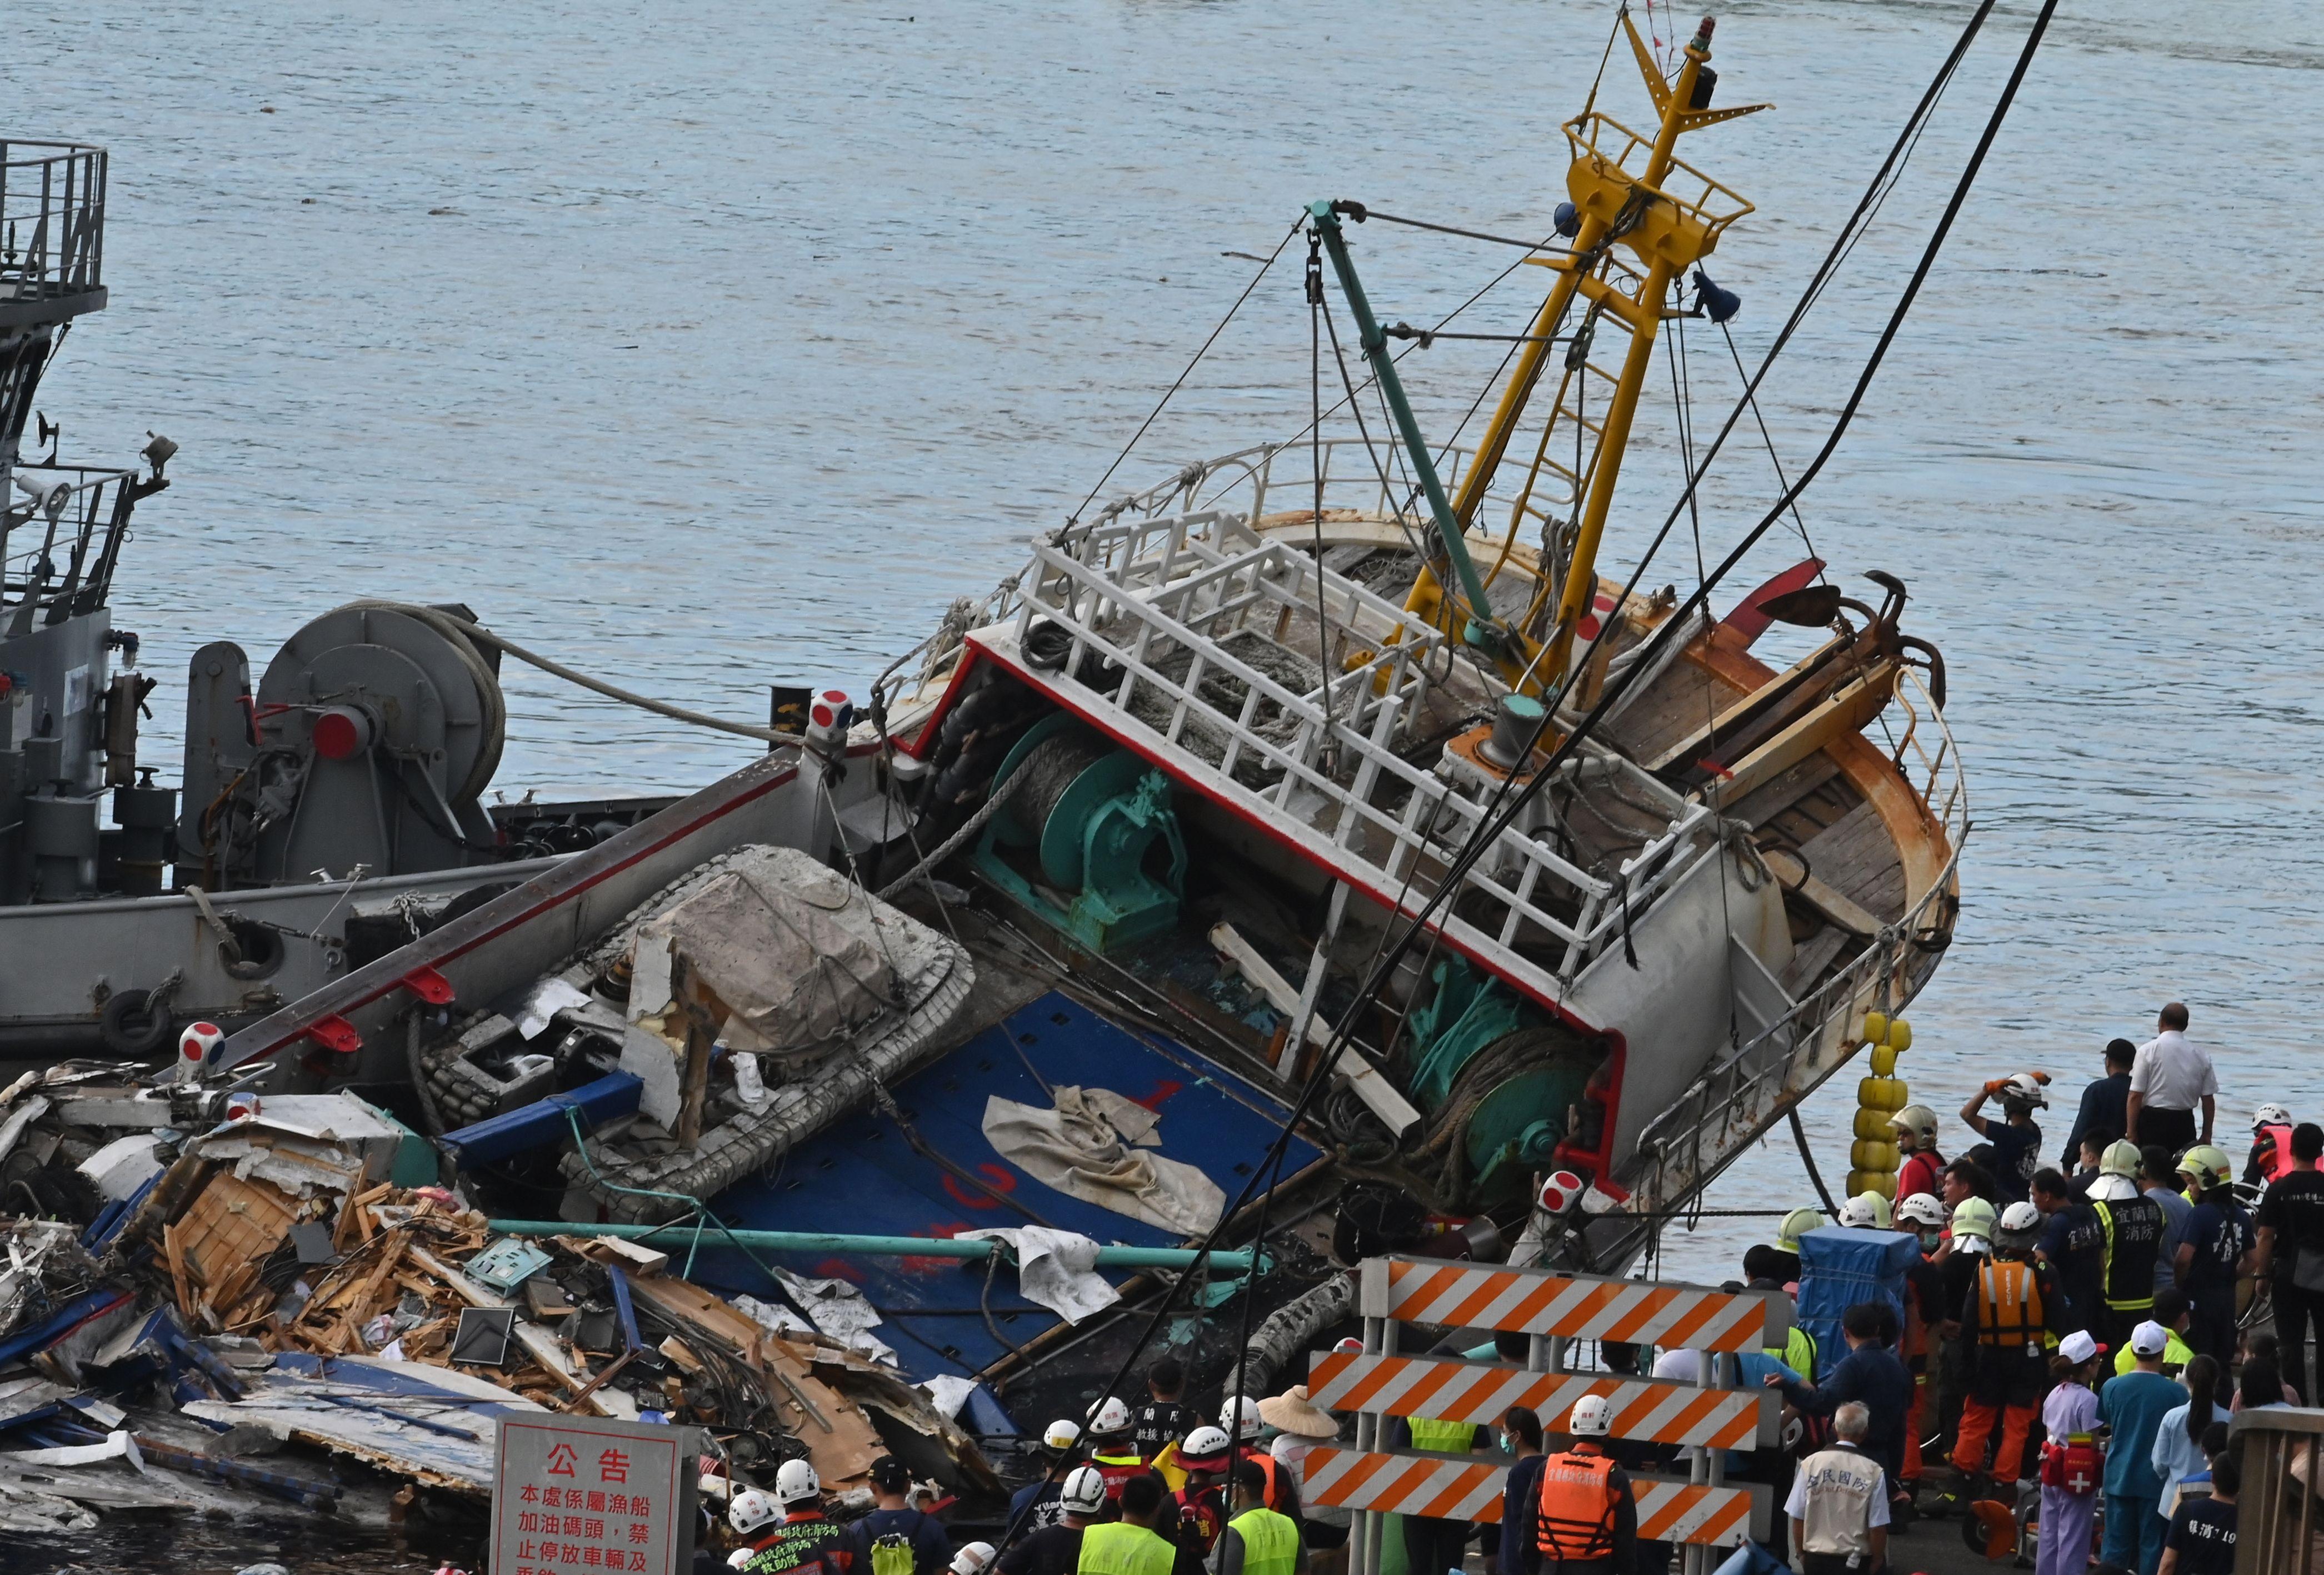 Bridge collapse Taiwan